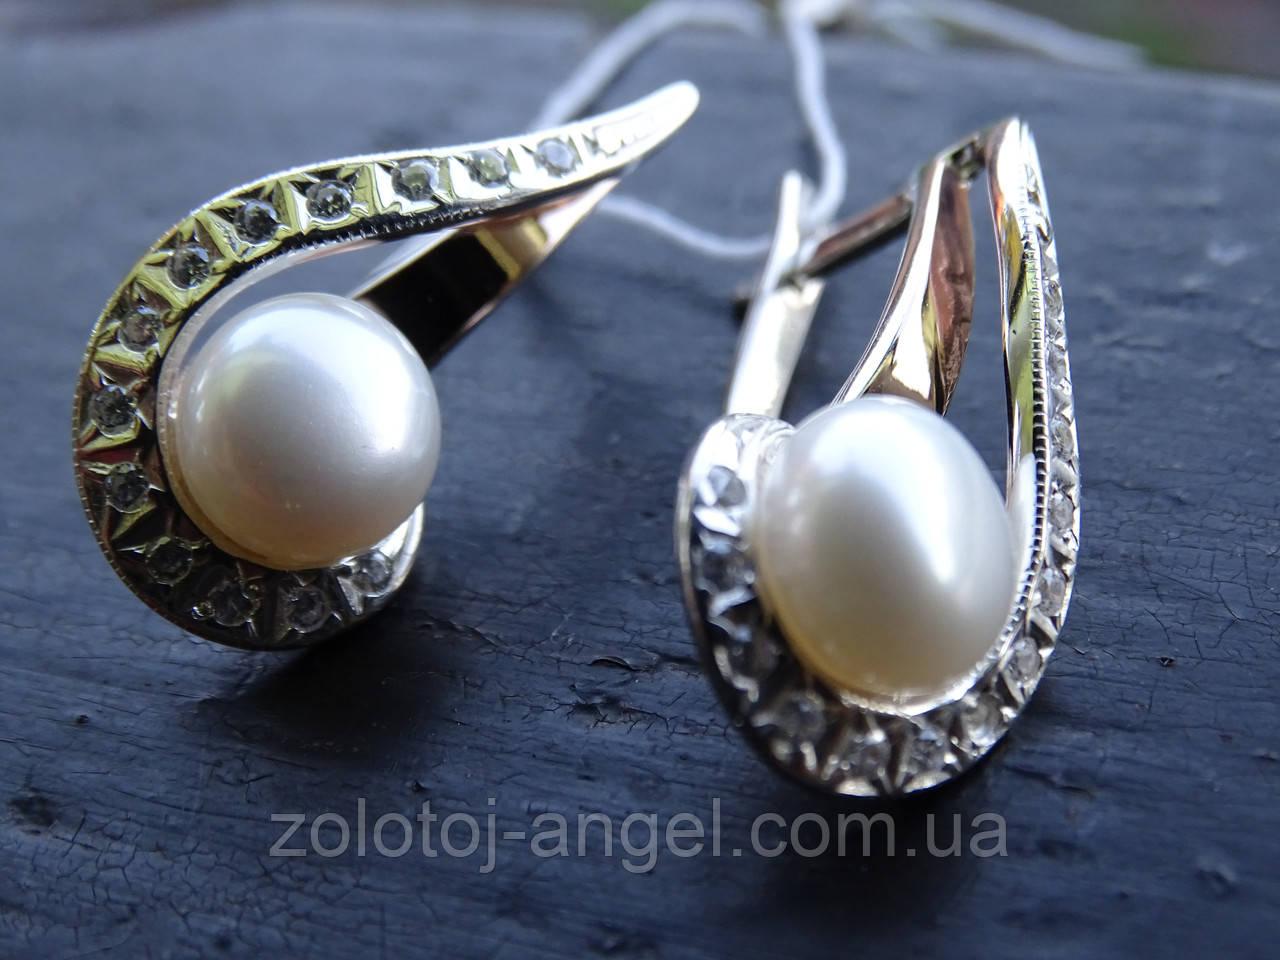 Cерьги серебряные с золотой пластиной и жемчугом